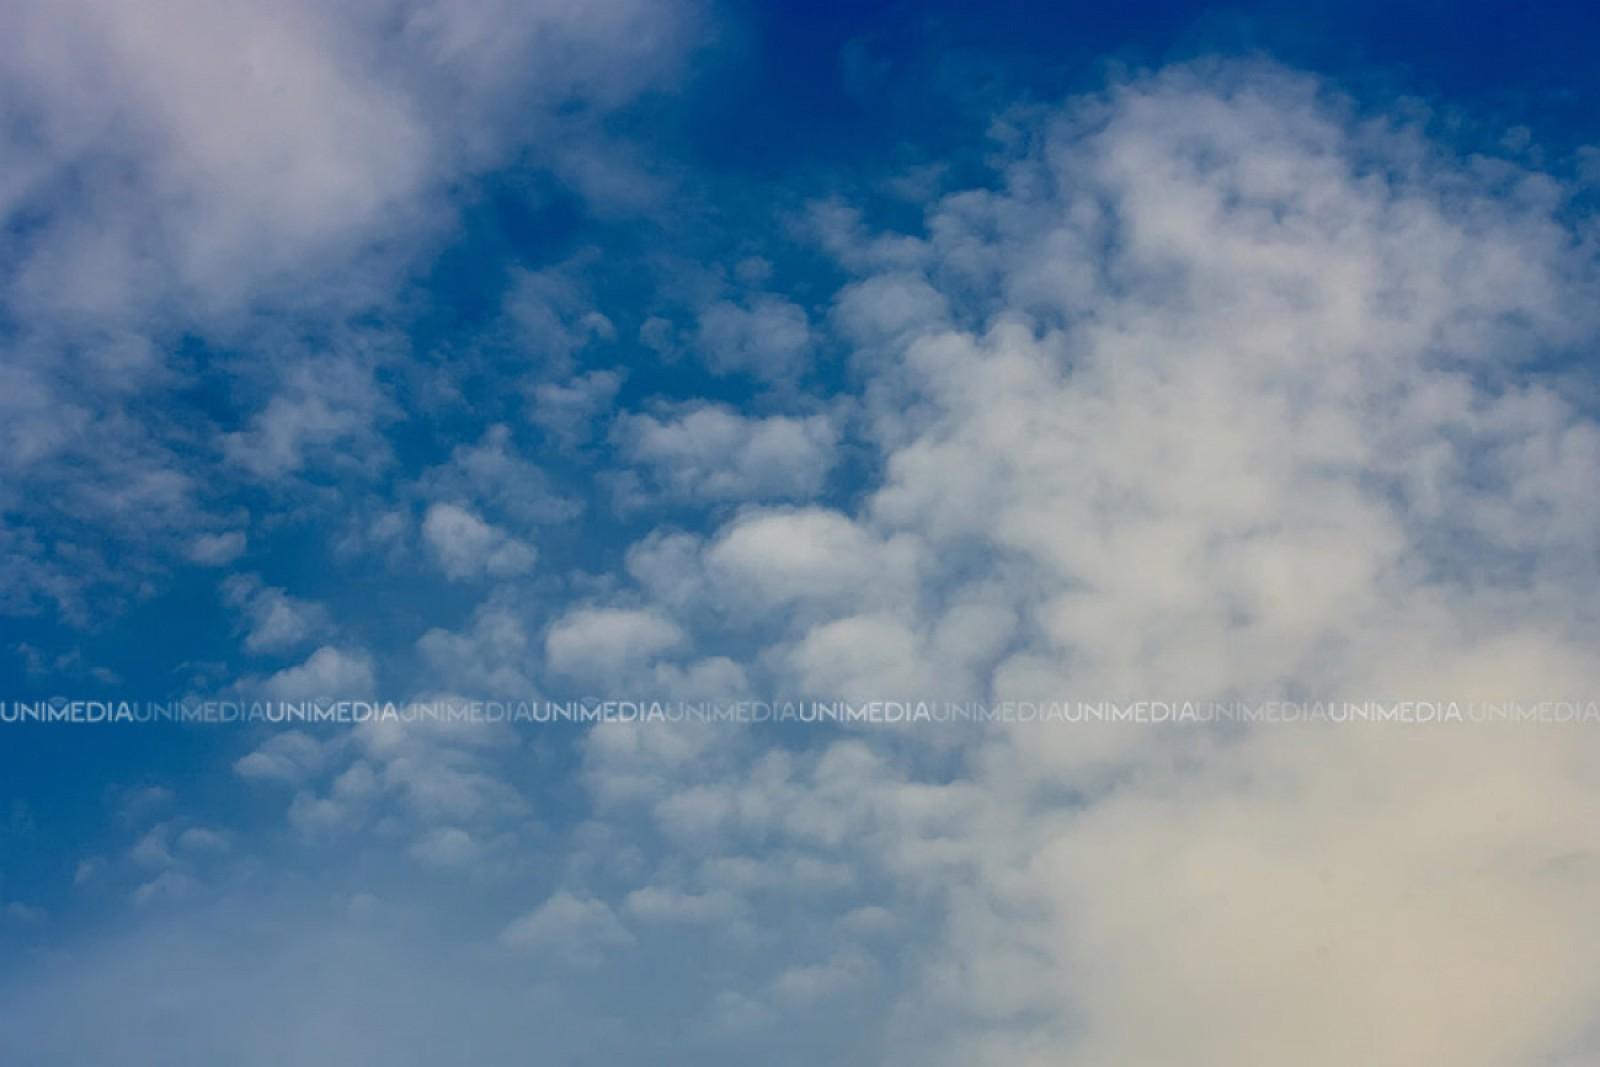 Prognoza meteo: Cer variabil și circa 22 grade Celsius se așteaptă astăzi